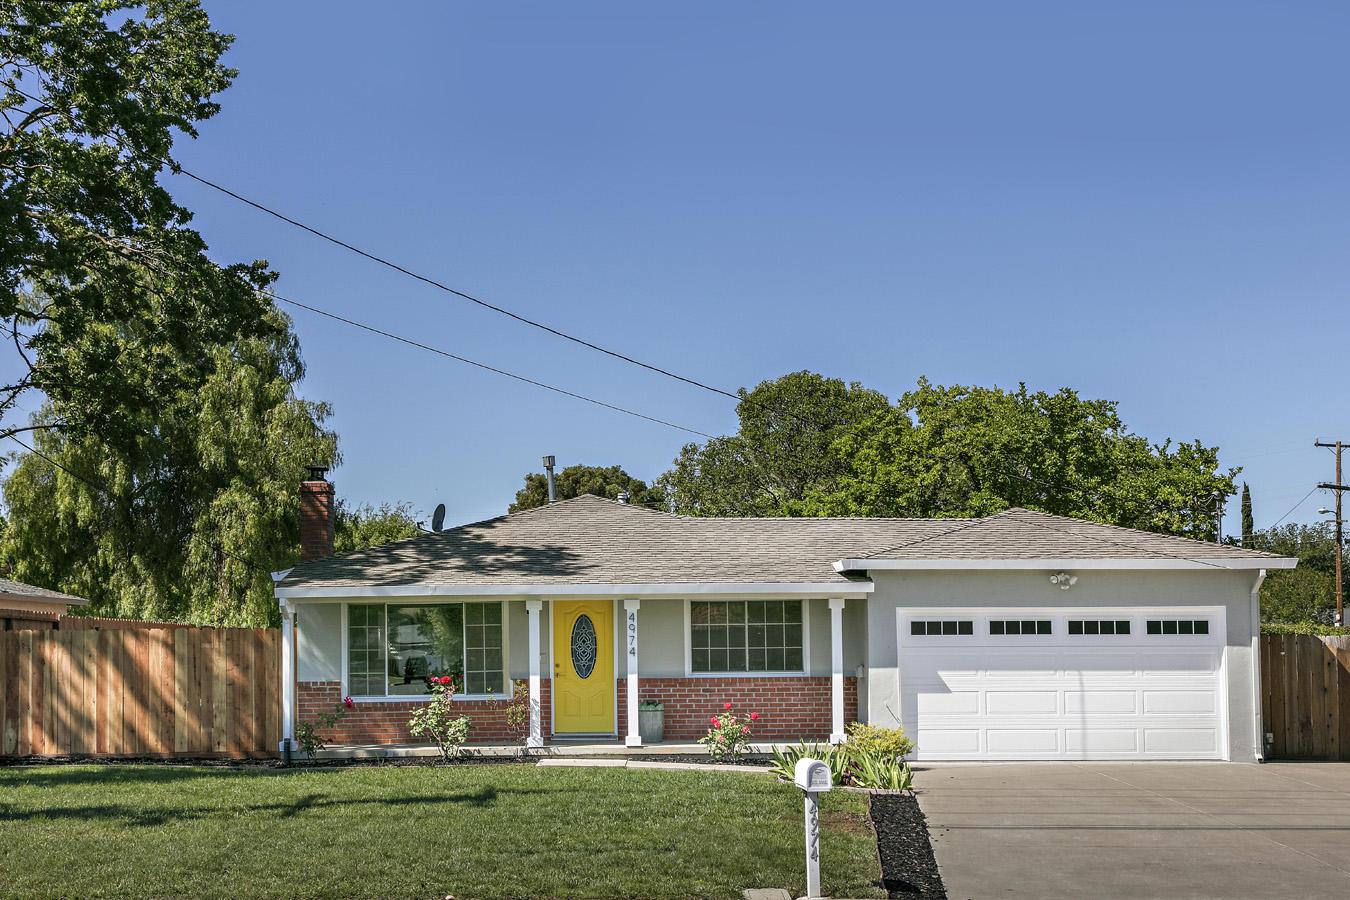 Concord, CA 94521